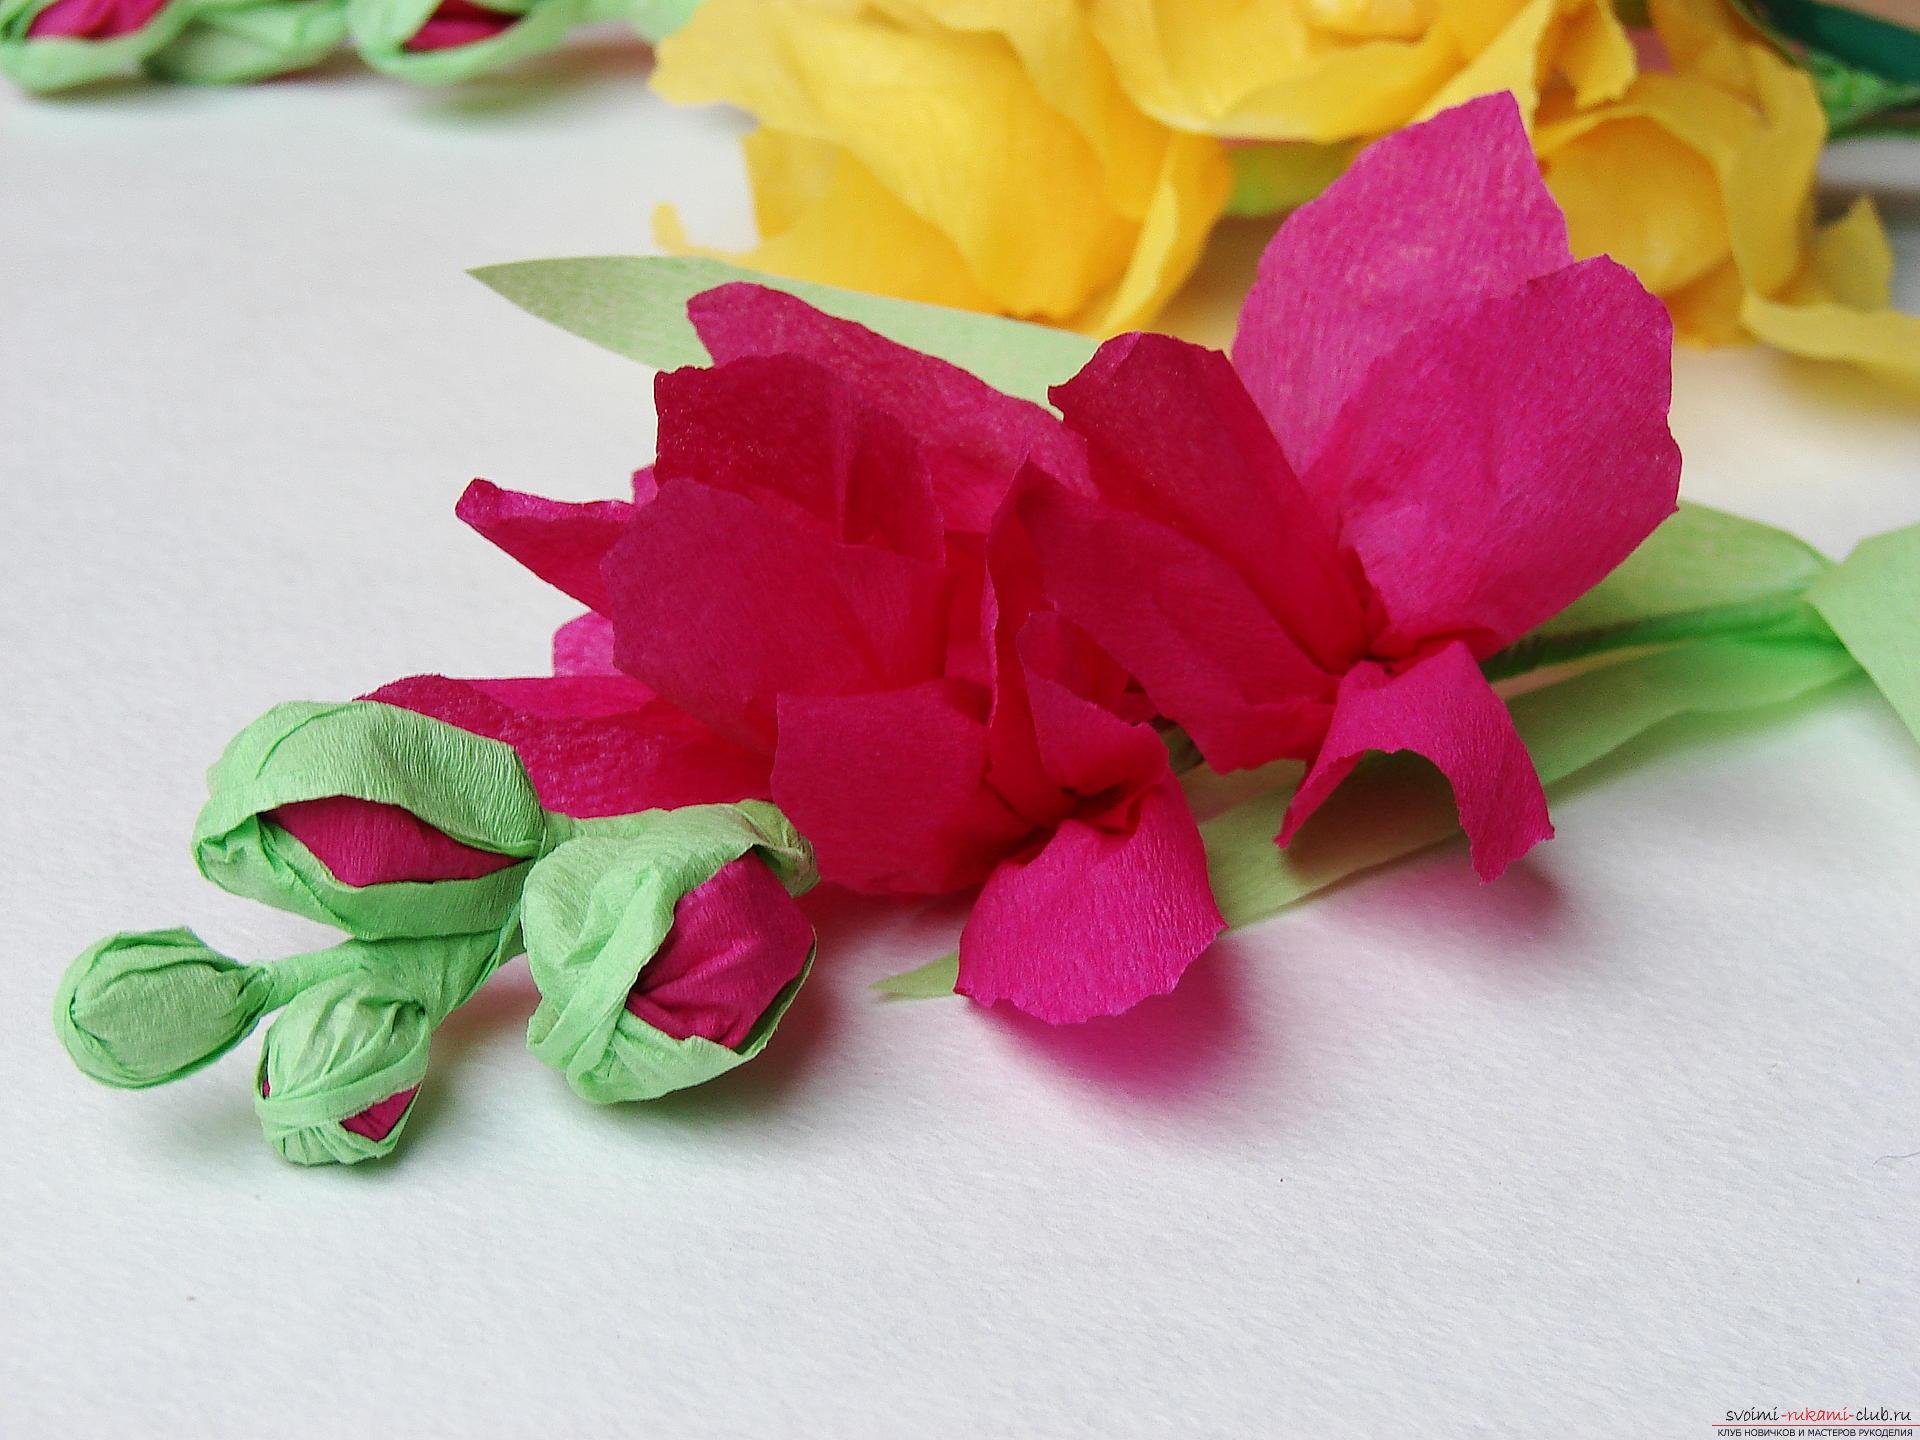 Этот мастер-класс научит как сделать цветы гладиолусы из бумаги своими руками.. Фото №33